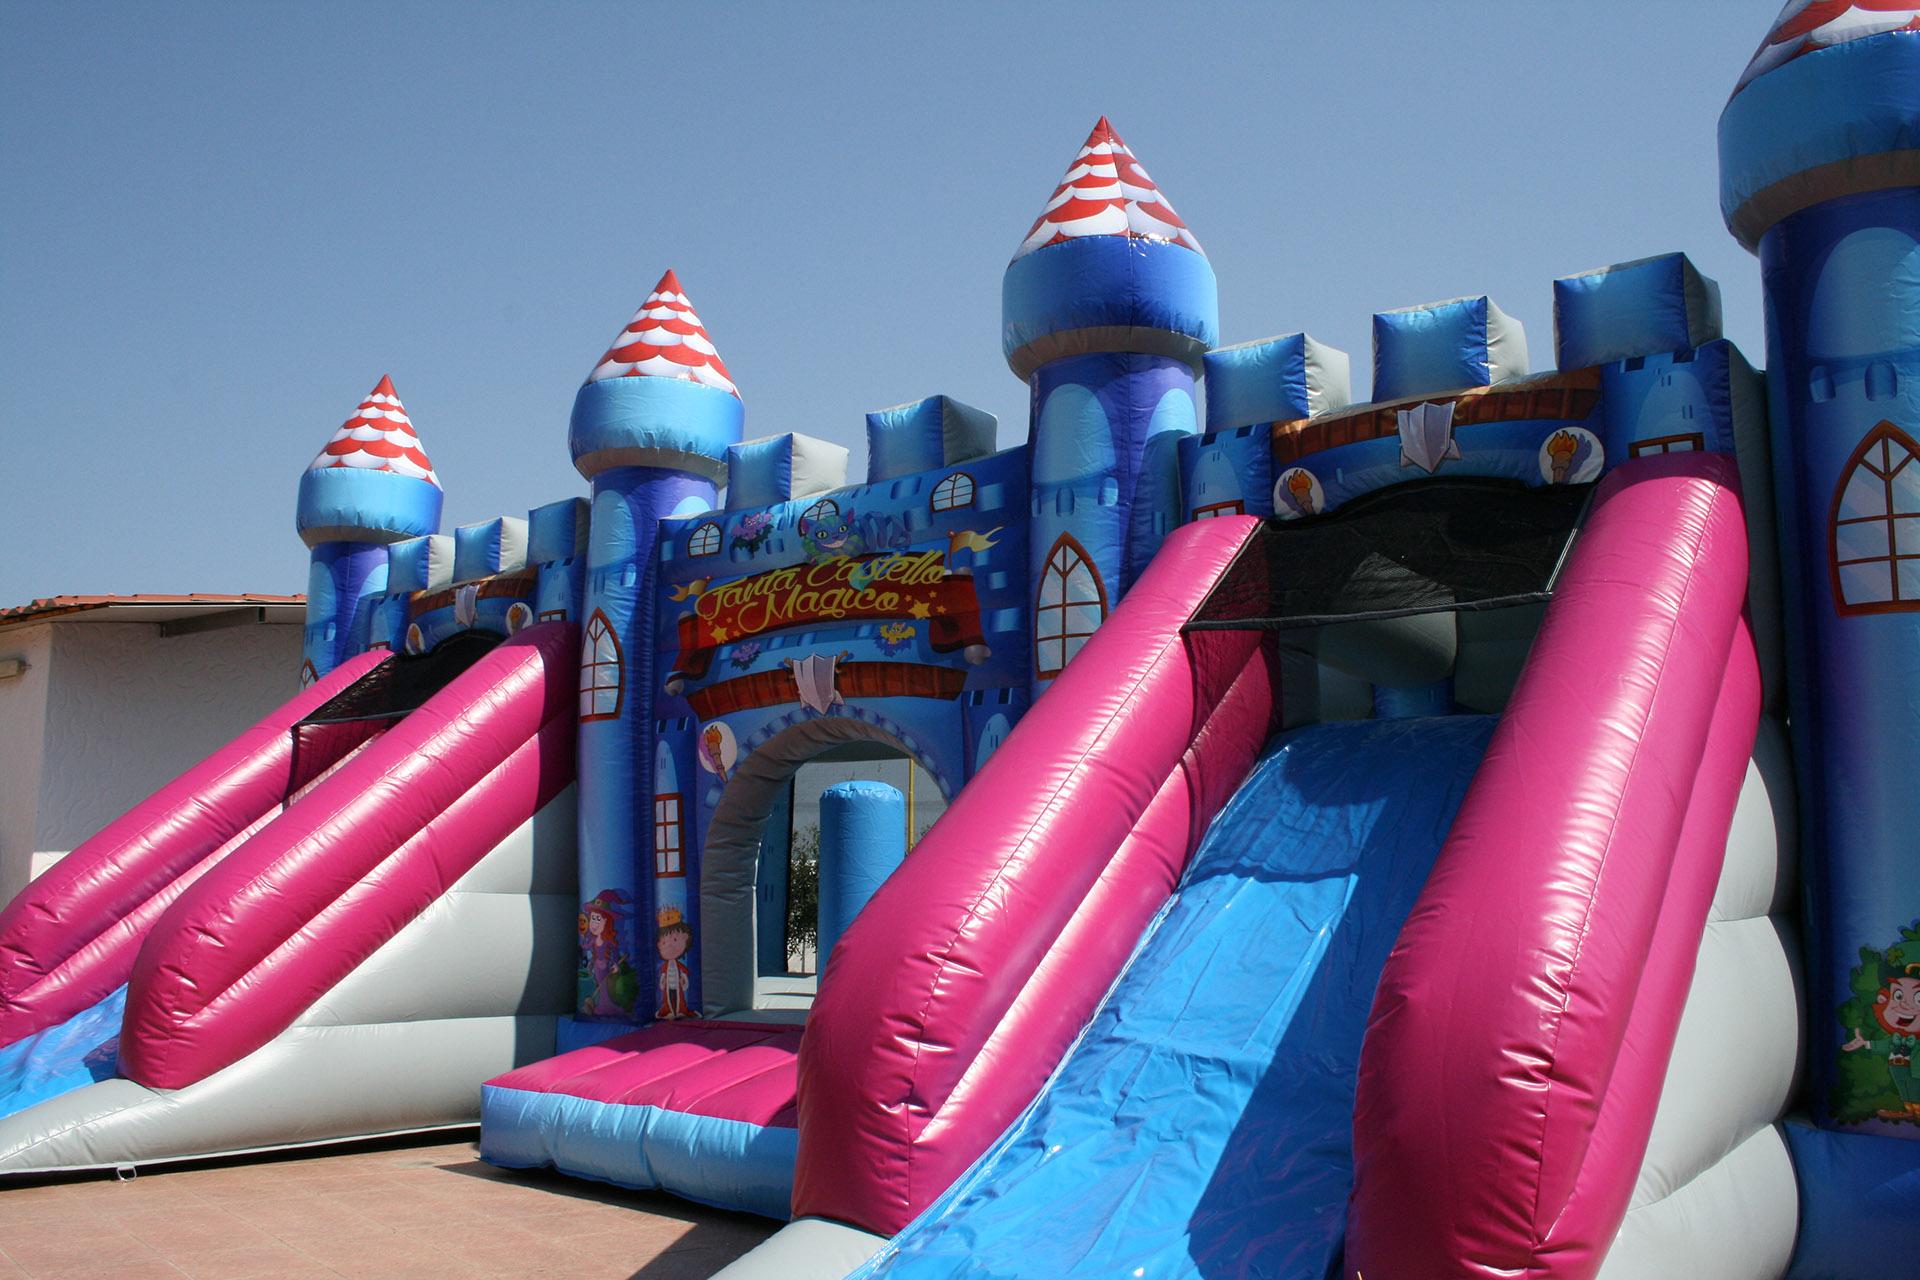 Parco Giochi Gonfiabile a Carbonia per compleanni e feste per bambini - Ristorante Tanit - Ristorante a Carbonia dal 1981 - 4